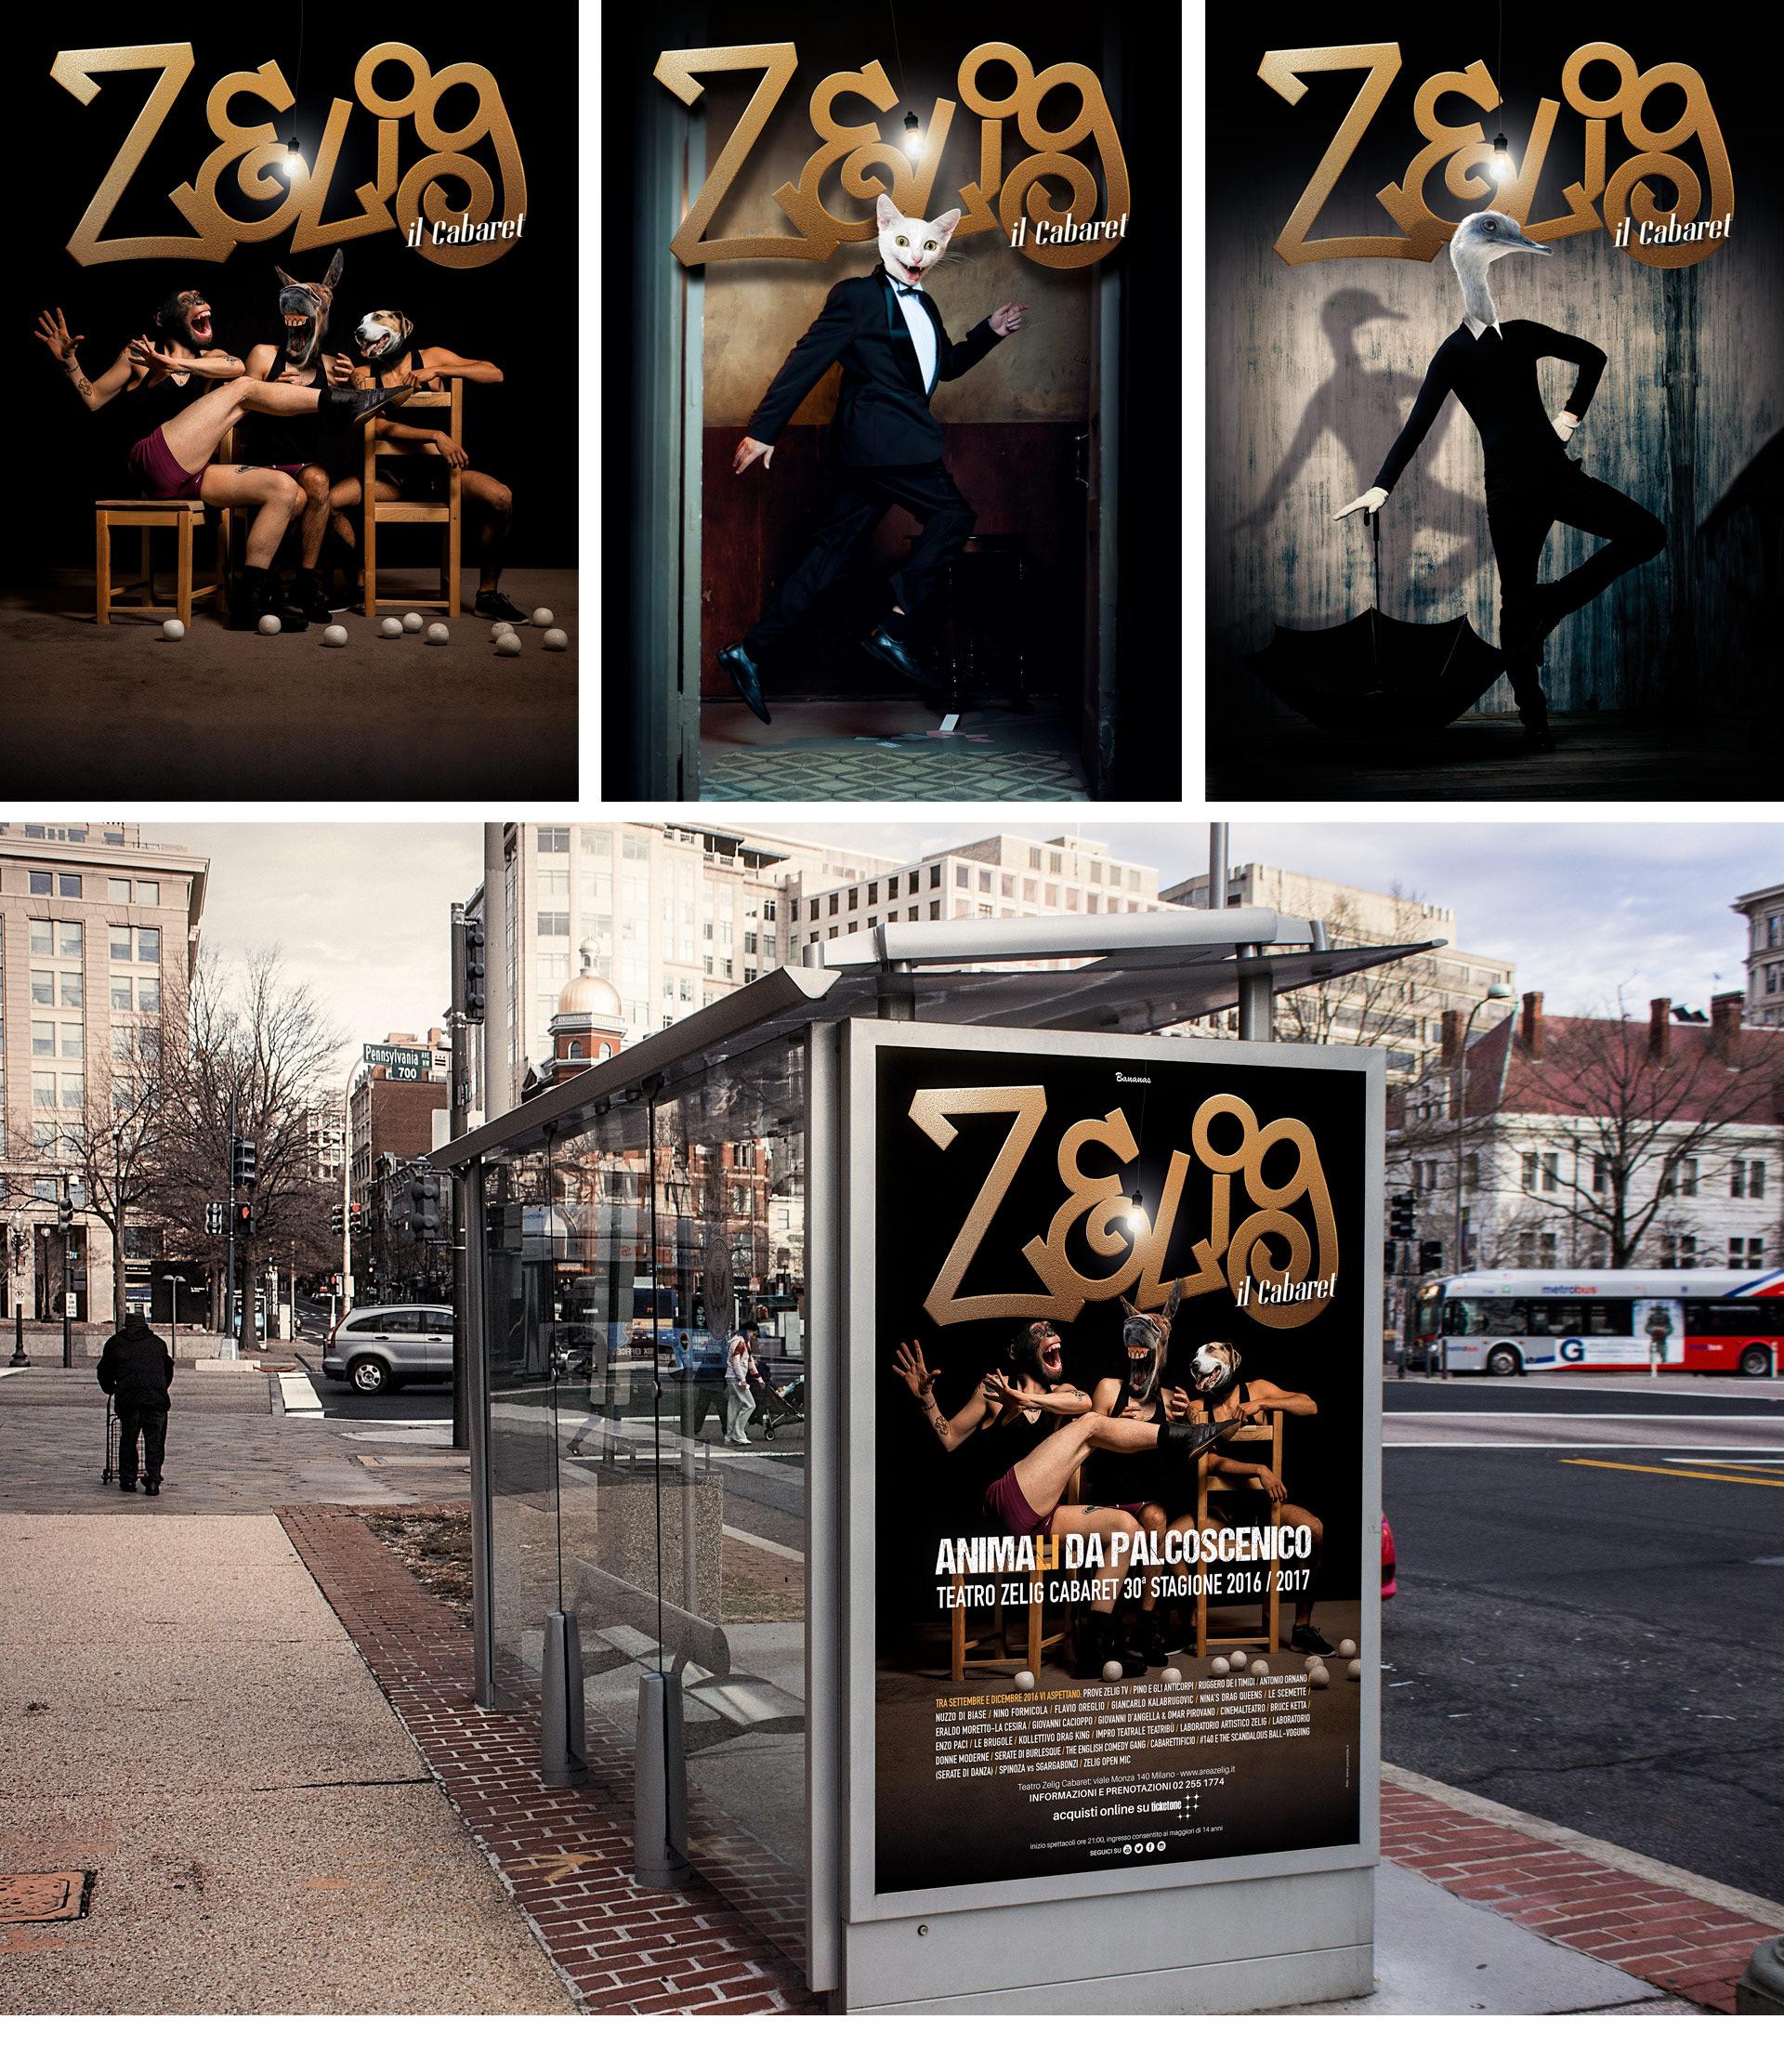 Zelig-cabaret-2